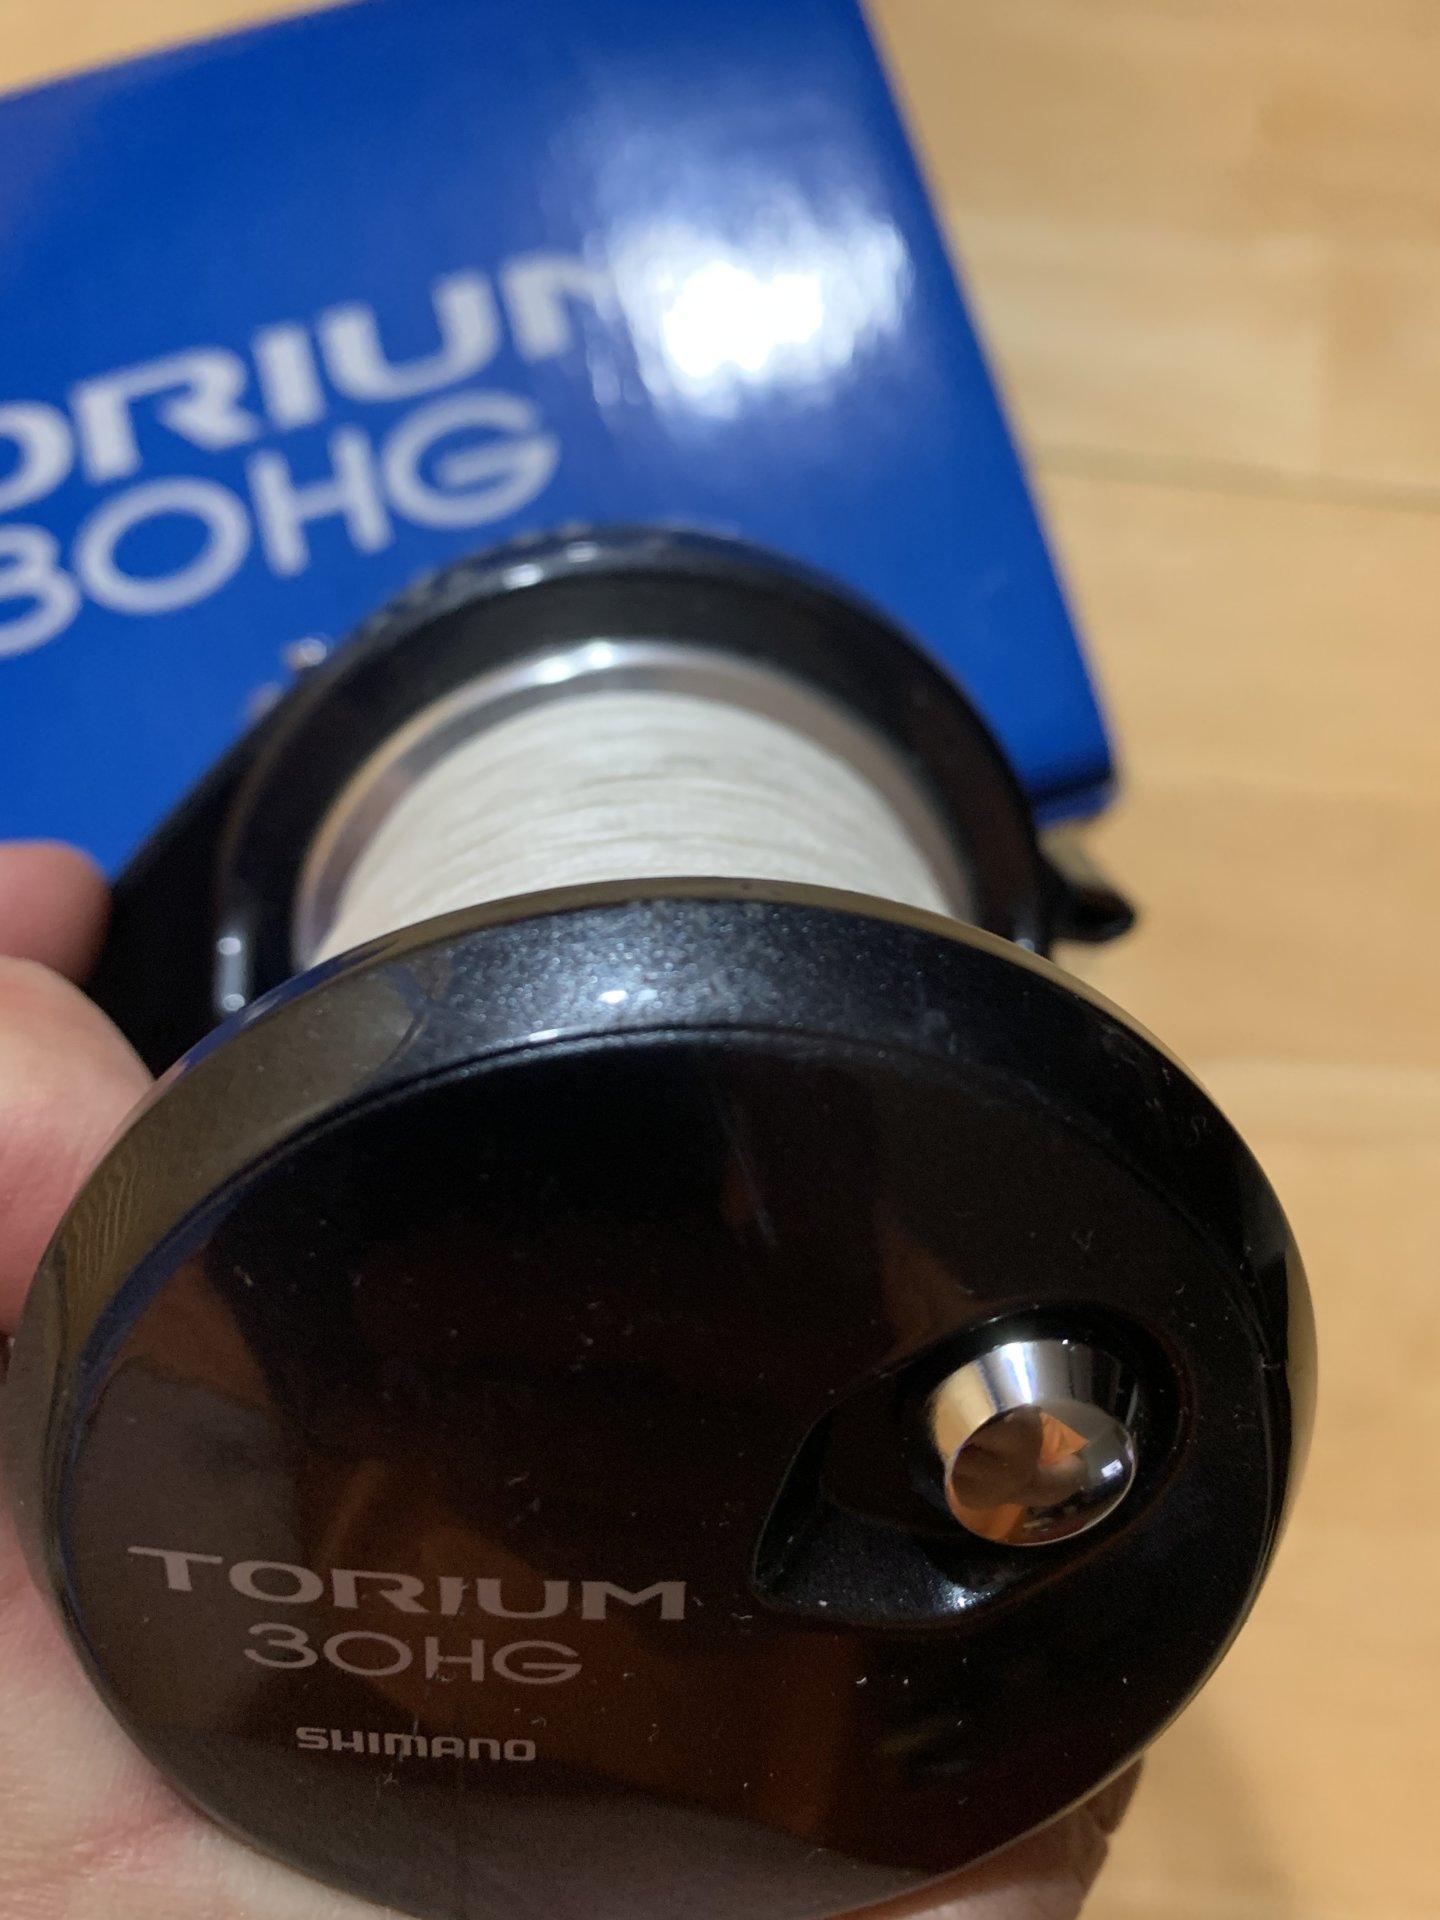 shimano torium 30 hg review